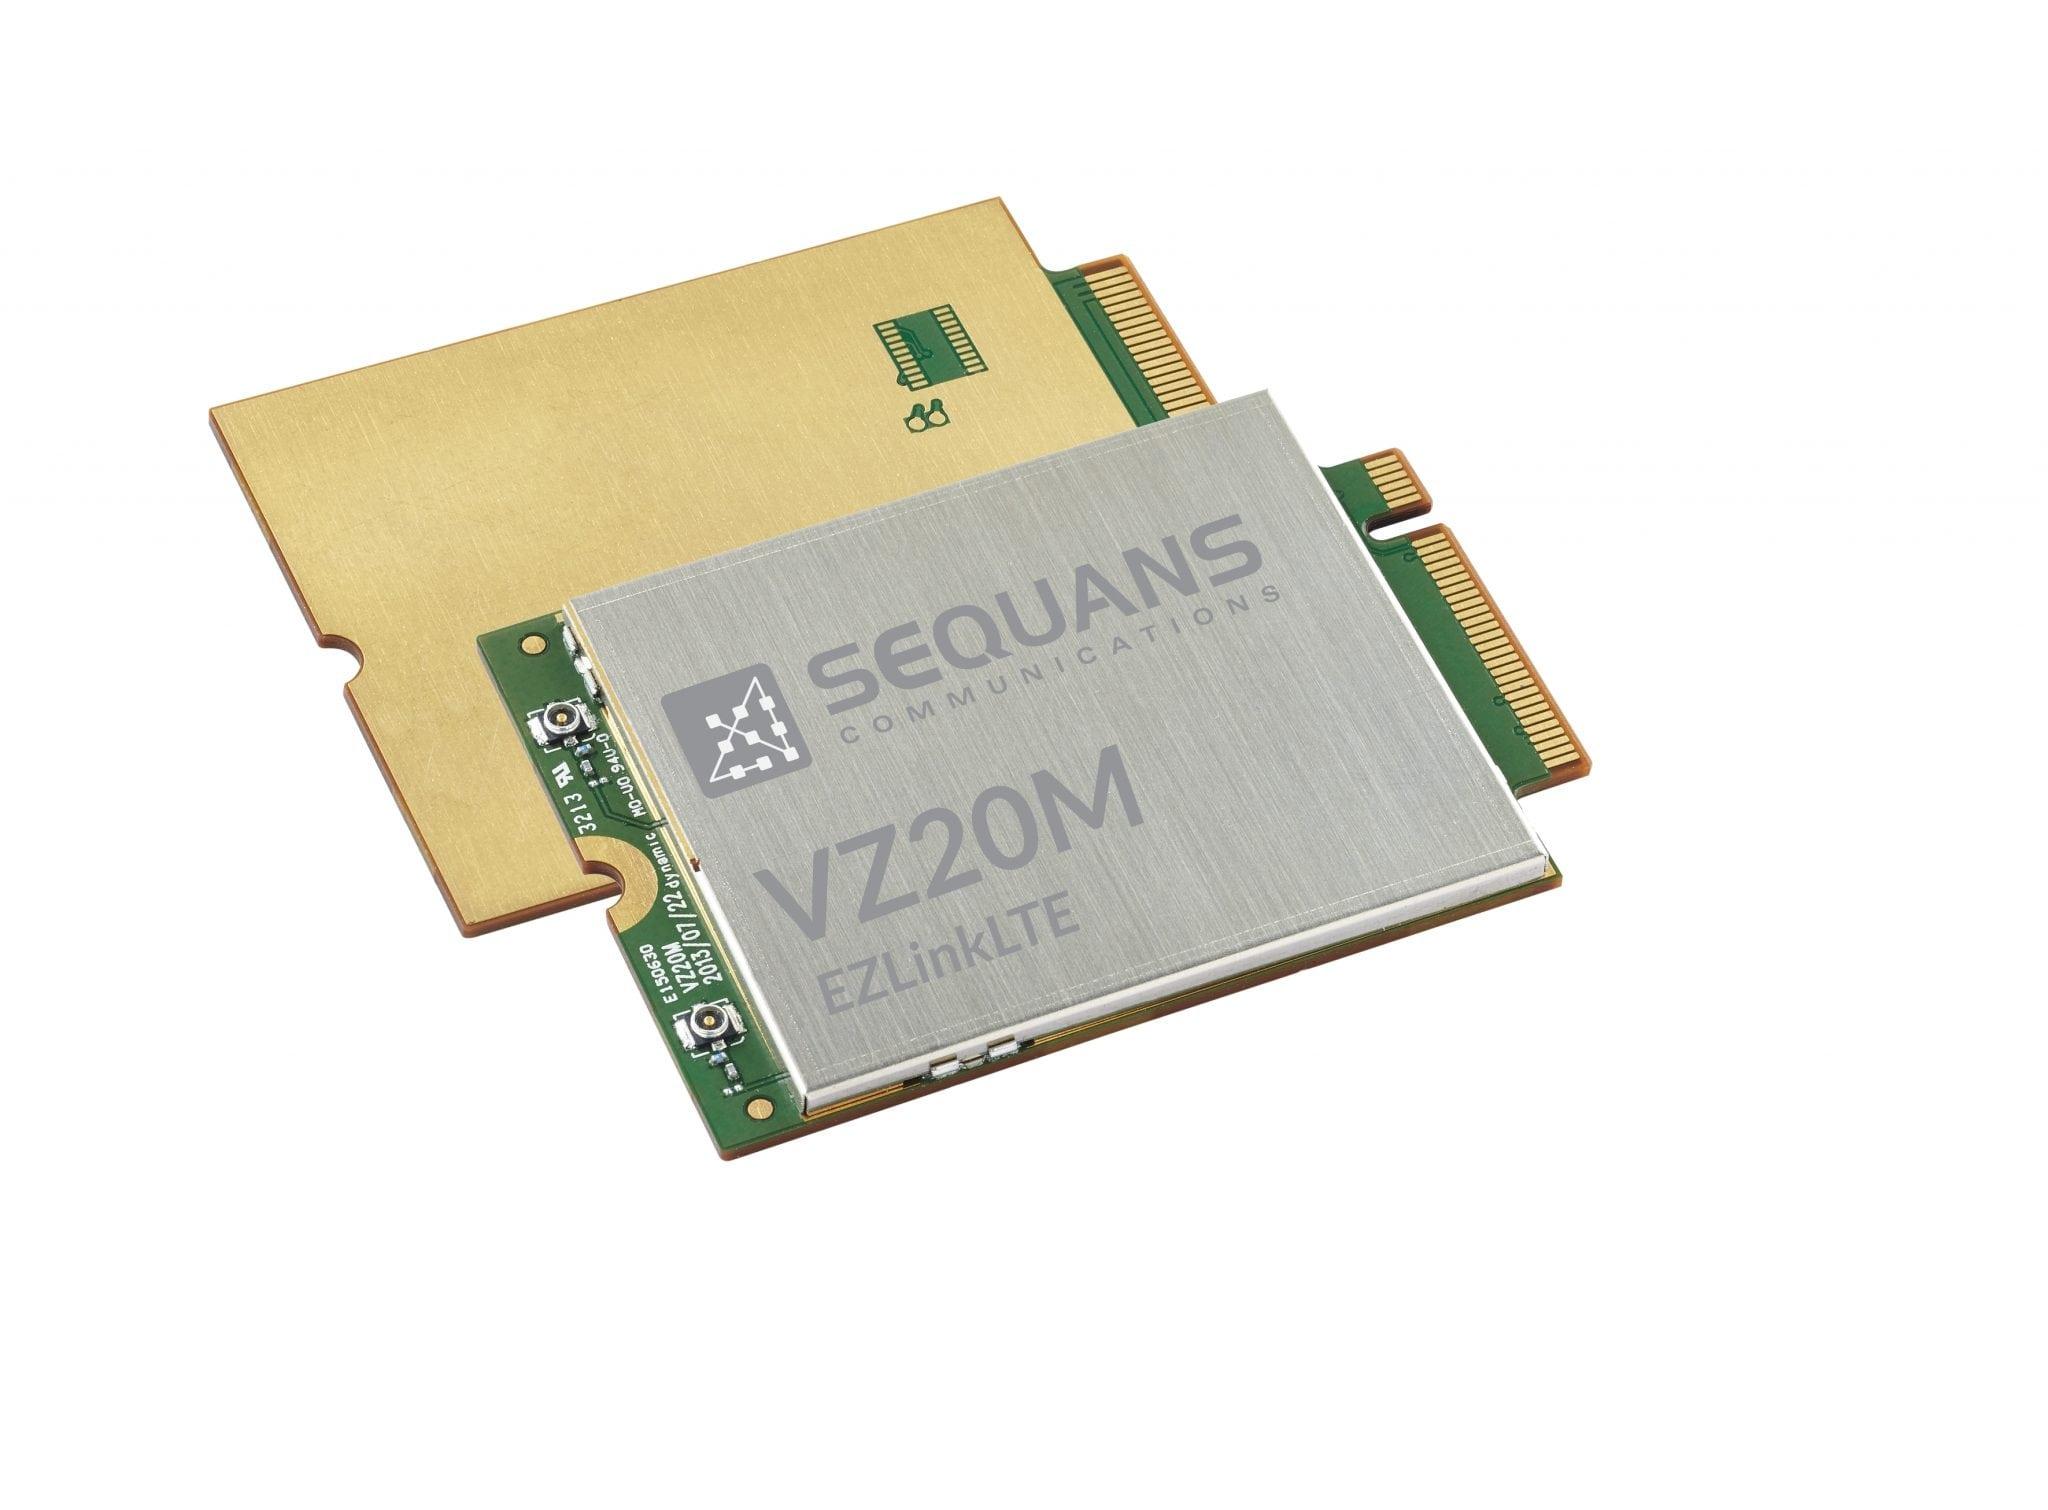 Sequans LTE chipset